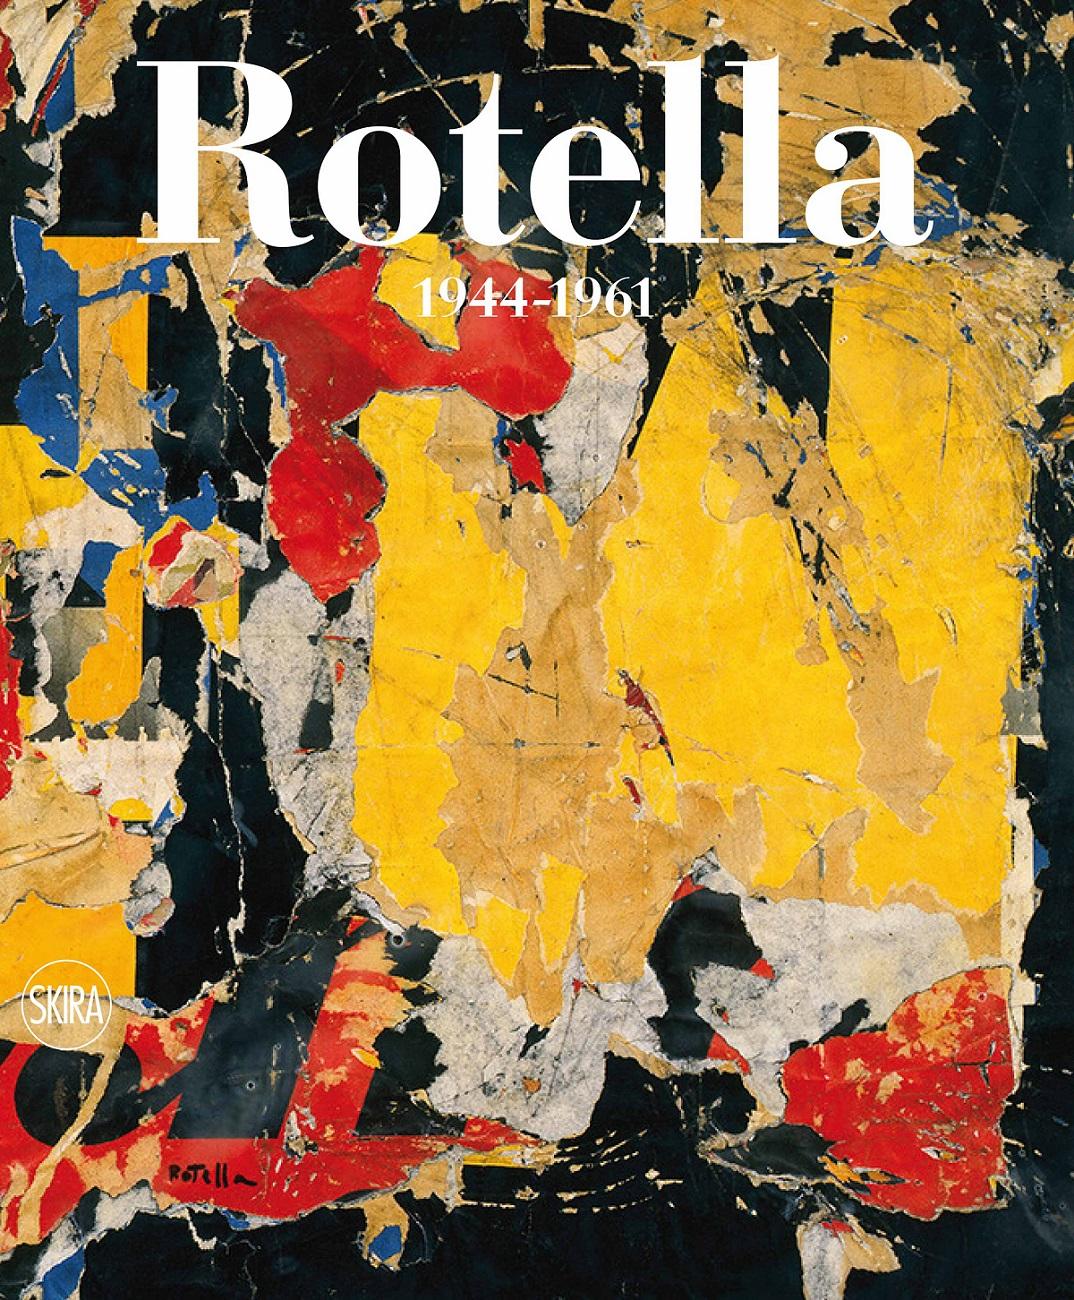 Mimmo Rptella, la copertina del catalogo generale, vol. 1